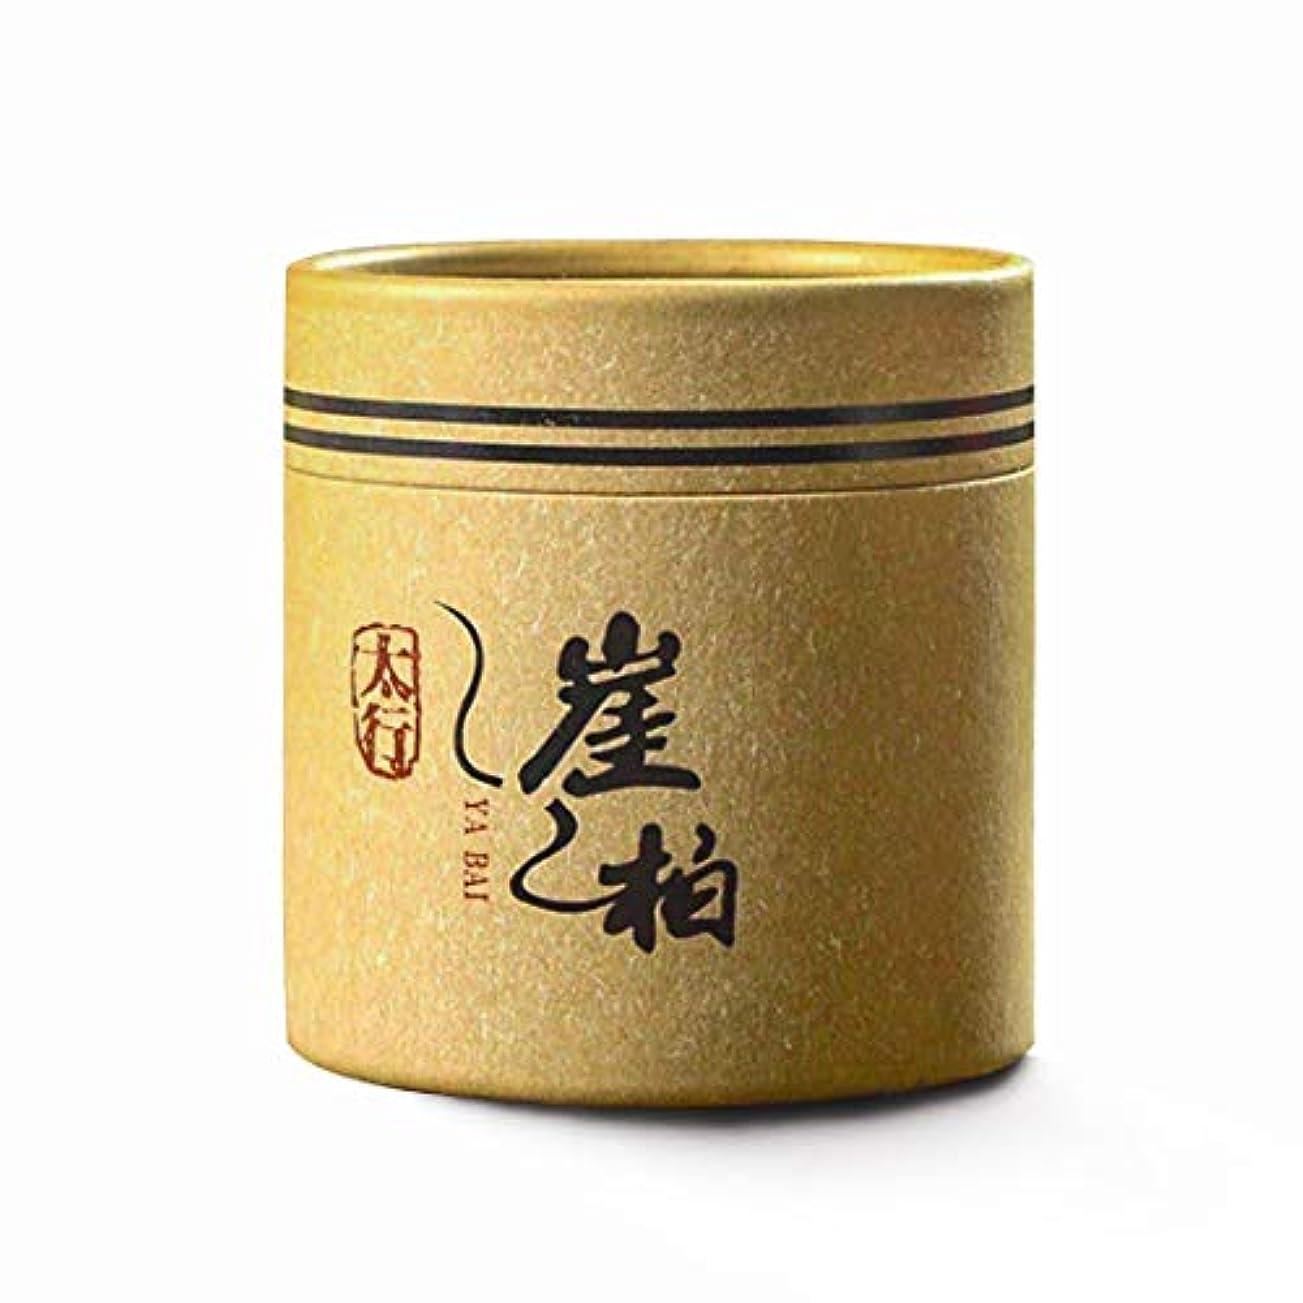 患者フェデレーション療法Hwagui お香 陈化崖柏 優しい香り 渦巻き線香 4時間盤香 48巻入